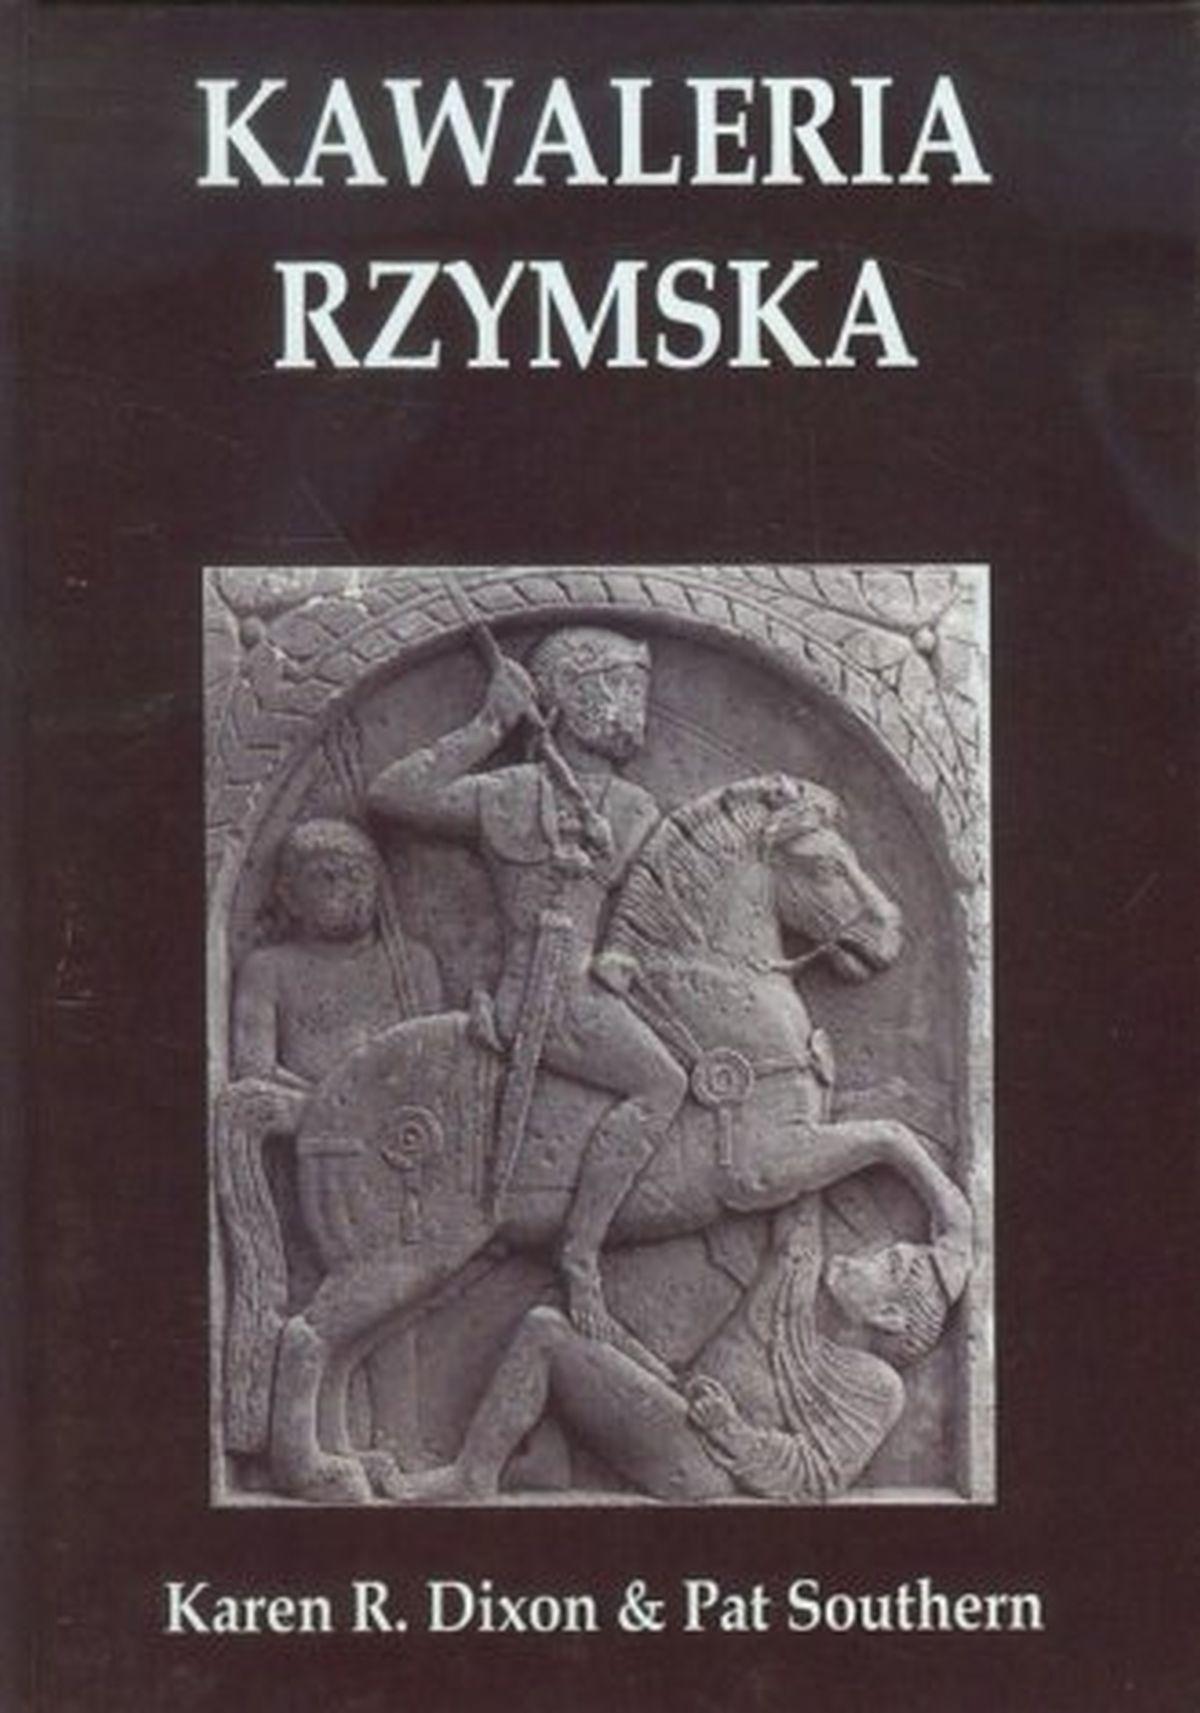 Kawaleria rzymska od I do III wieku po Chrystusie